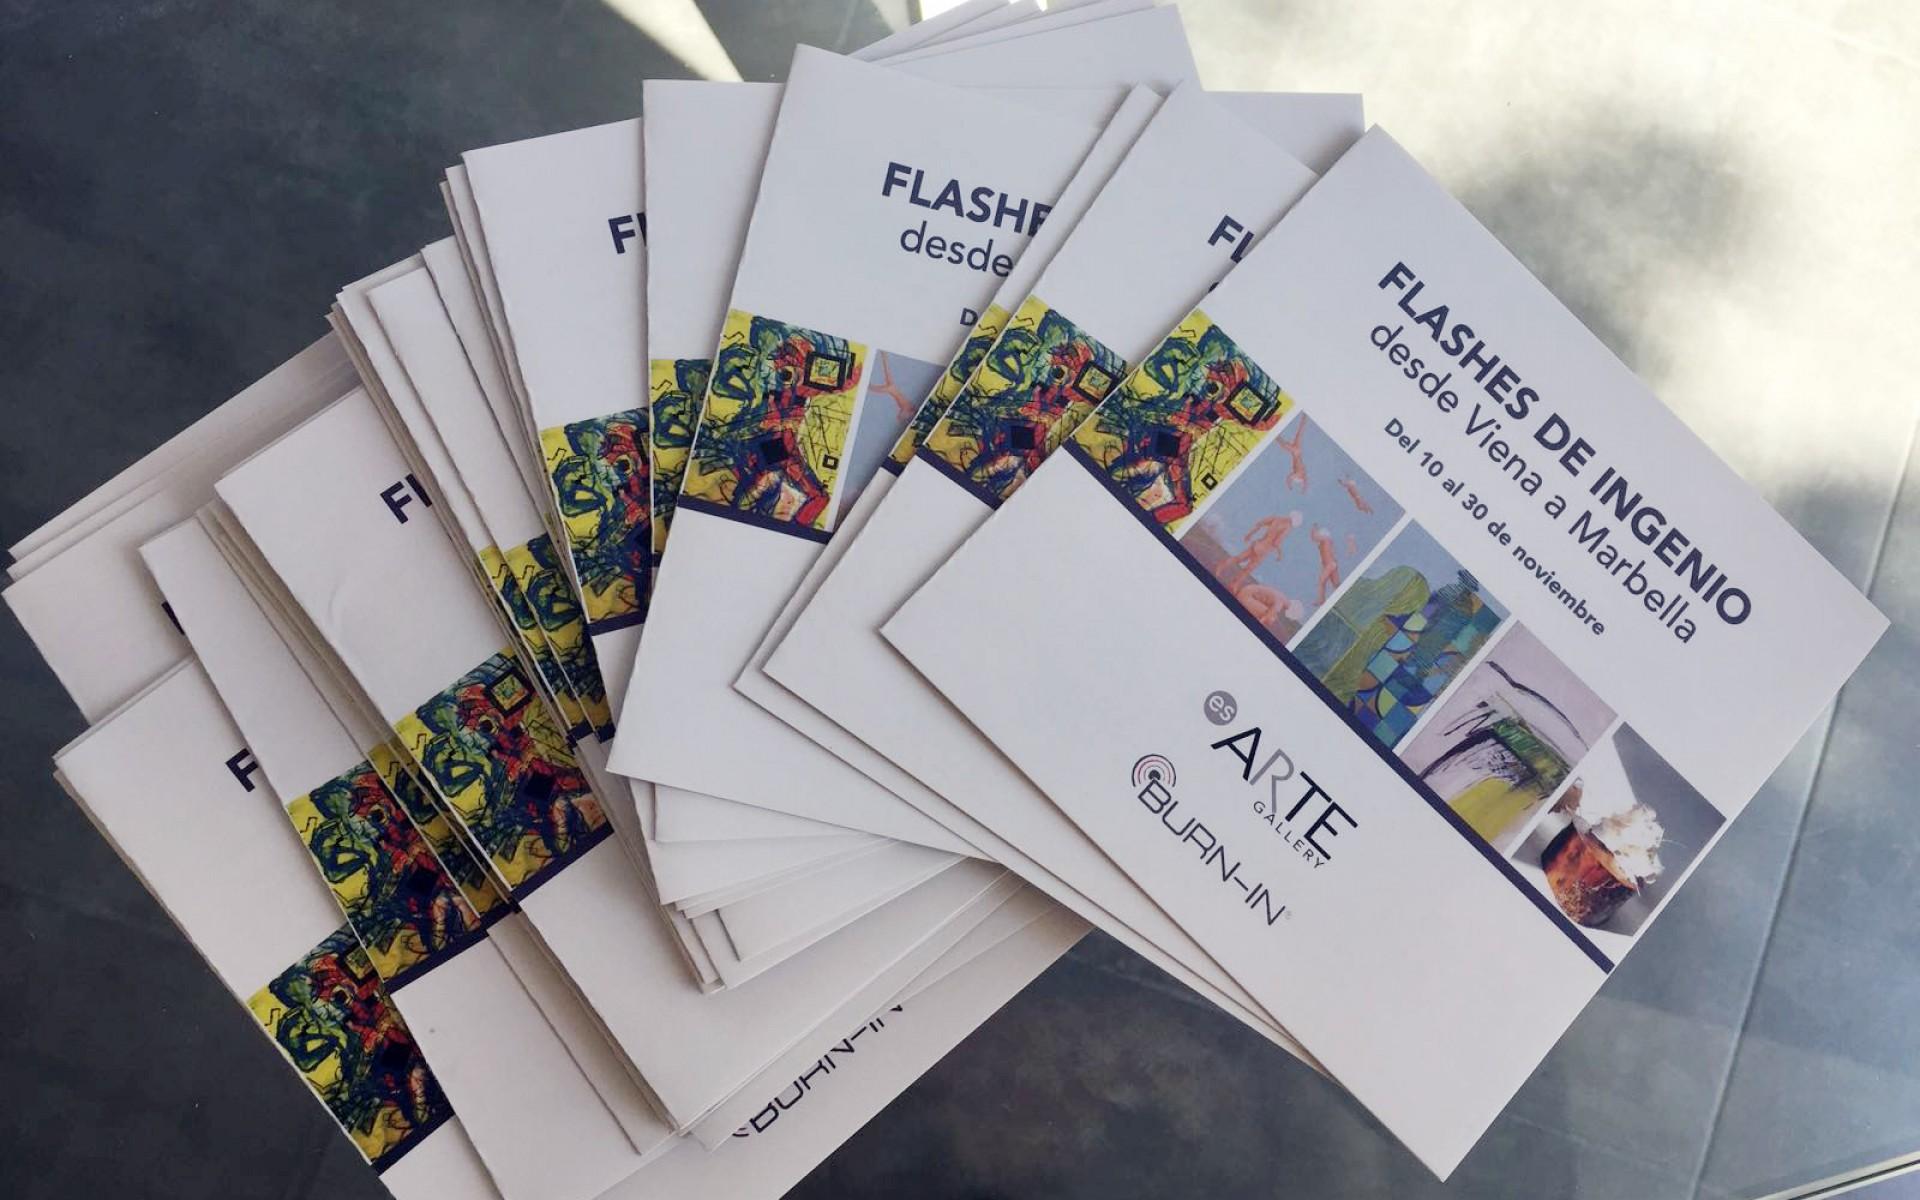 Ausstellungskatalog Flashes de Ingenio | Es.ARTE BURN-IN 112017